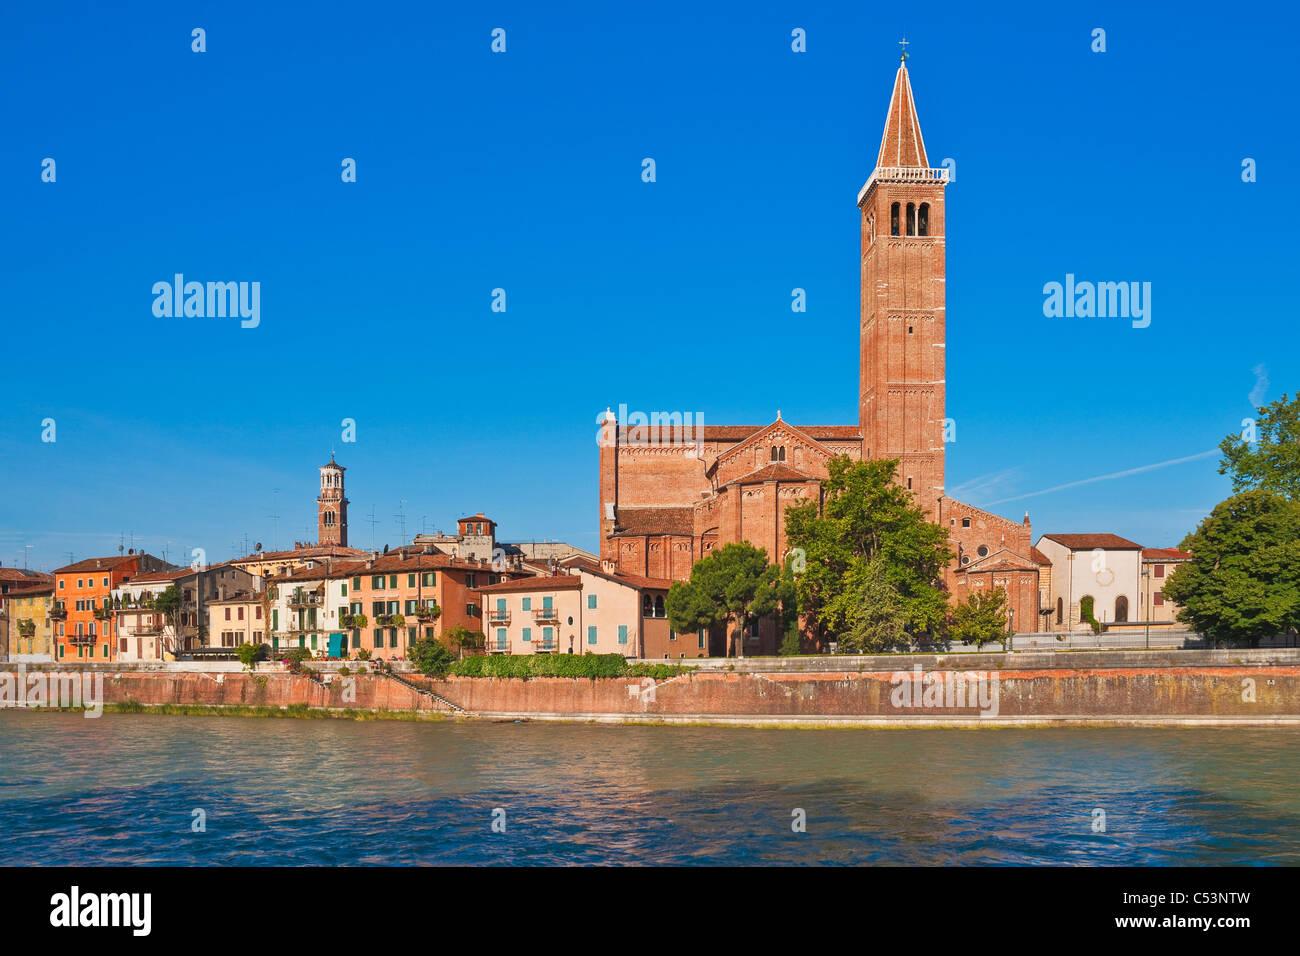 Verona, Italien | Verona, Italy - Stock Image